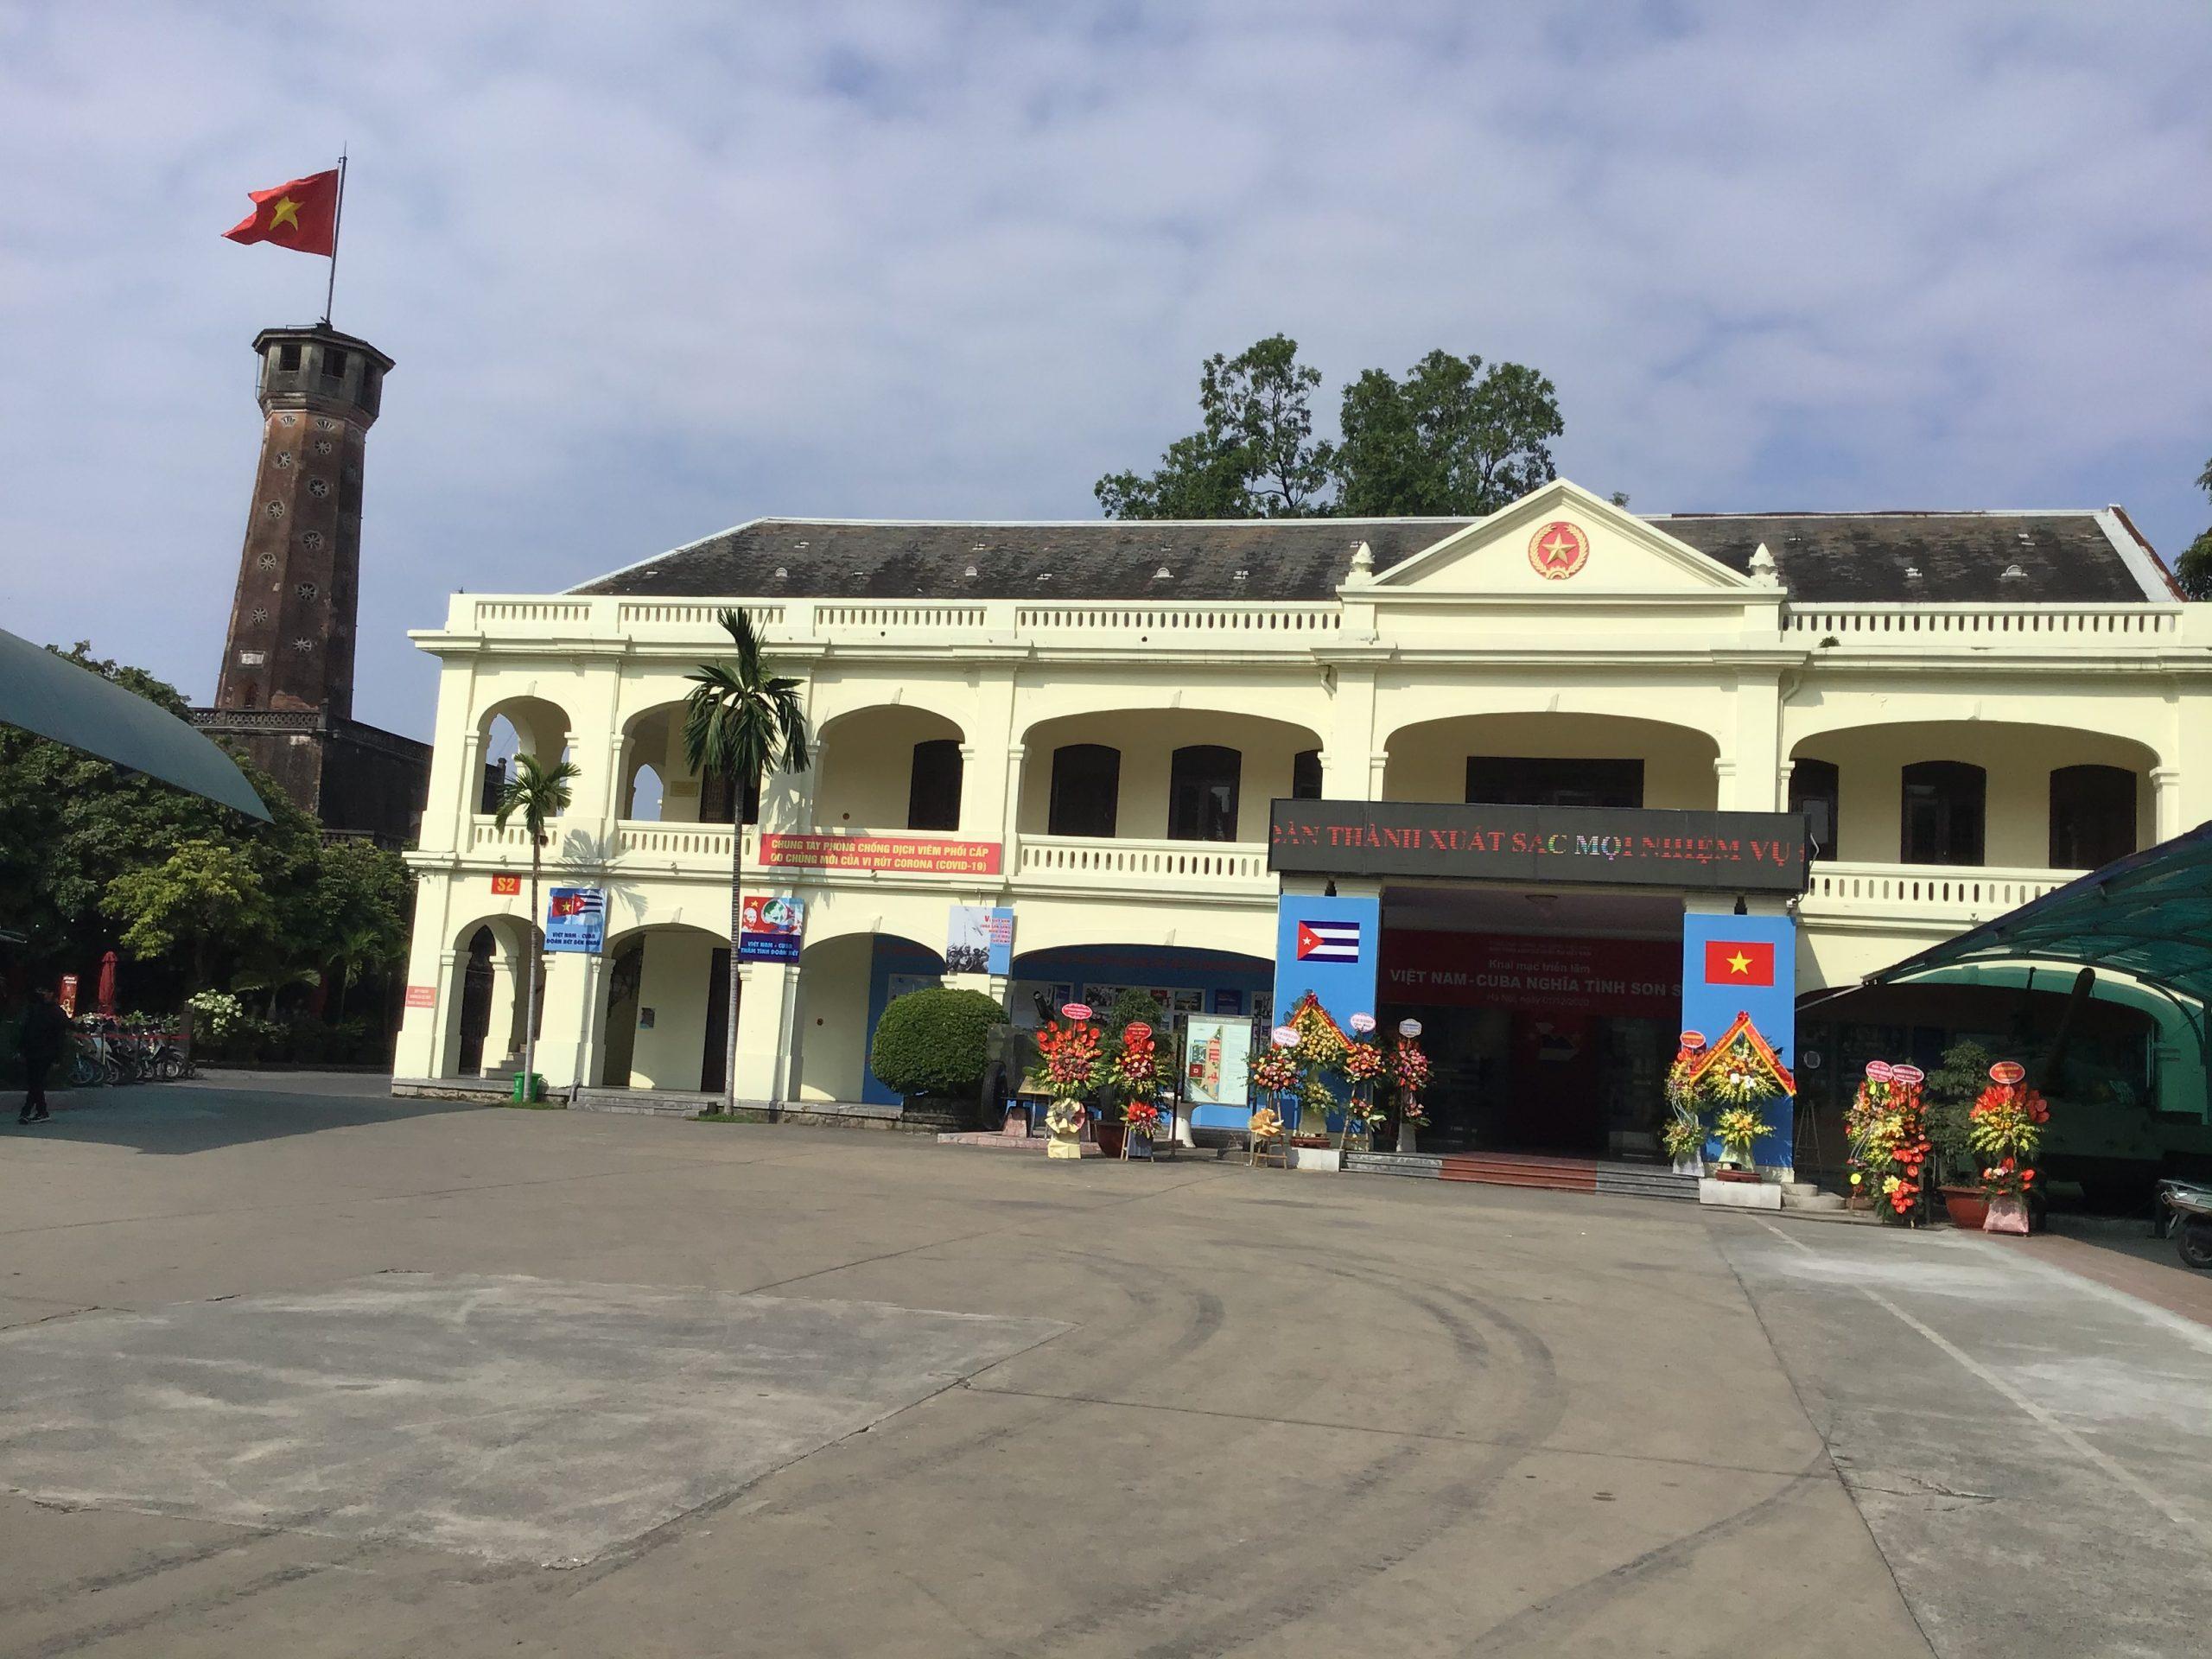 ベトナム軍地歴史博物館   ハノイのおすすめ市内観光スポット30選!